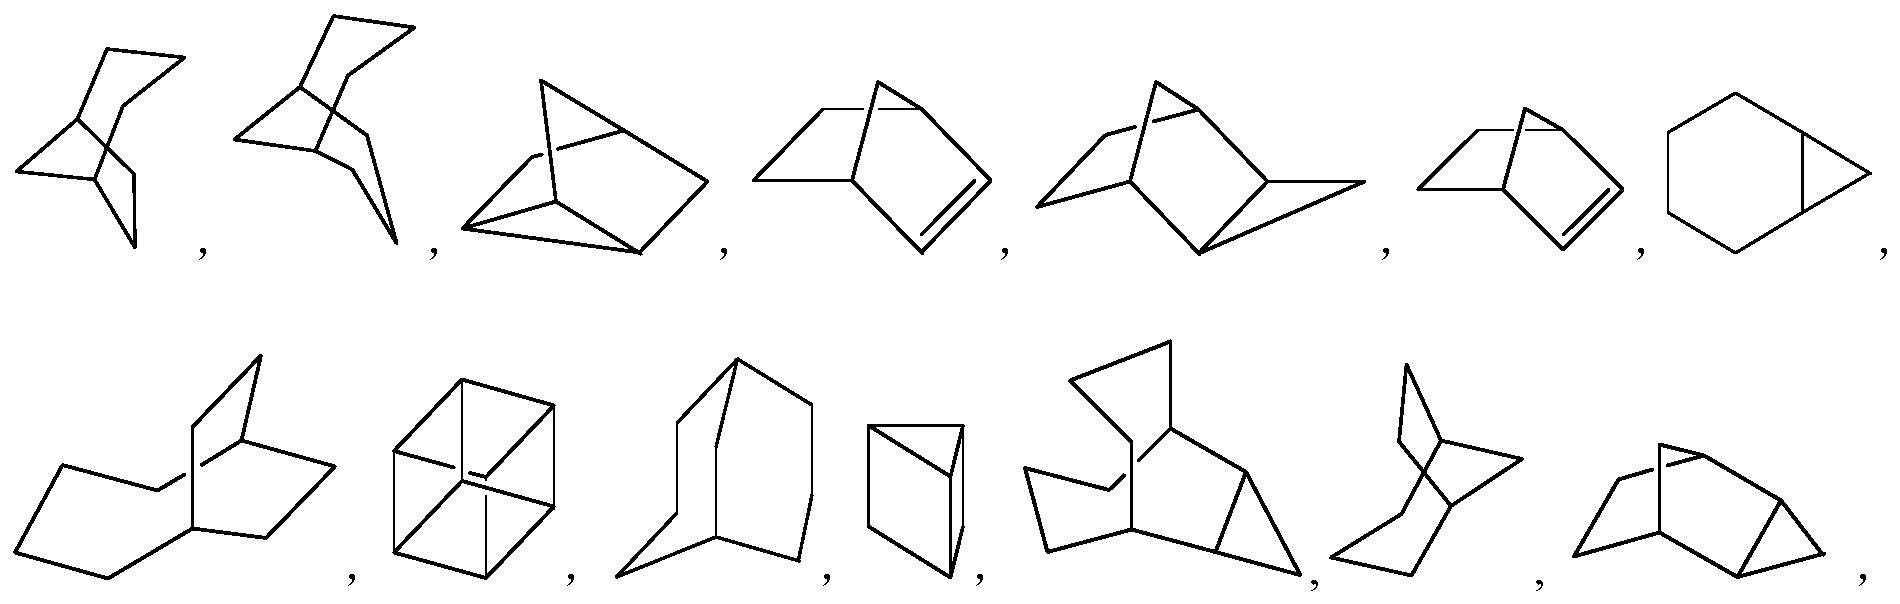 Figure PCTCN2017084604-appb-100012